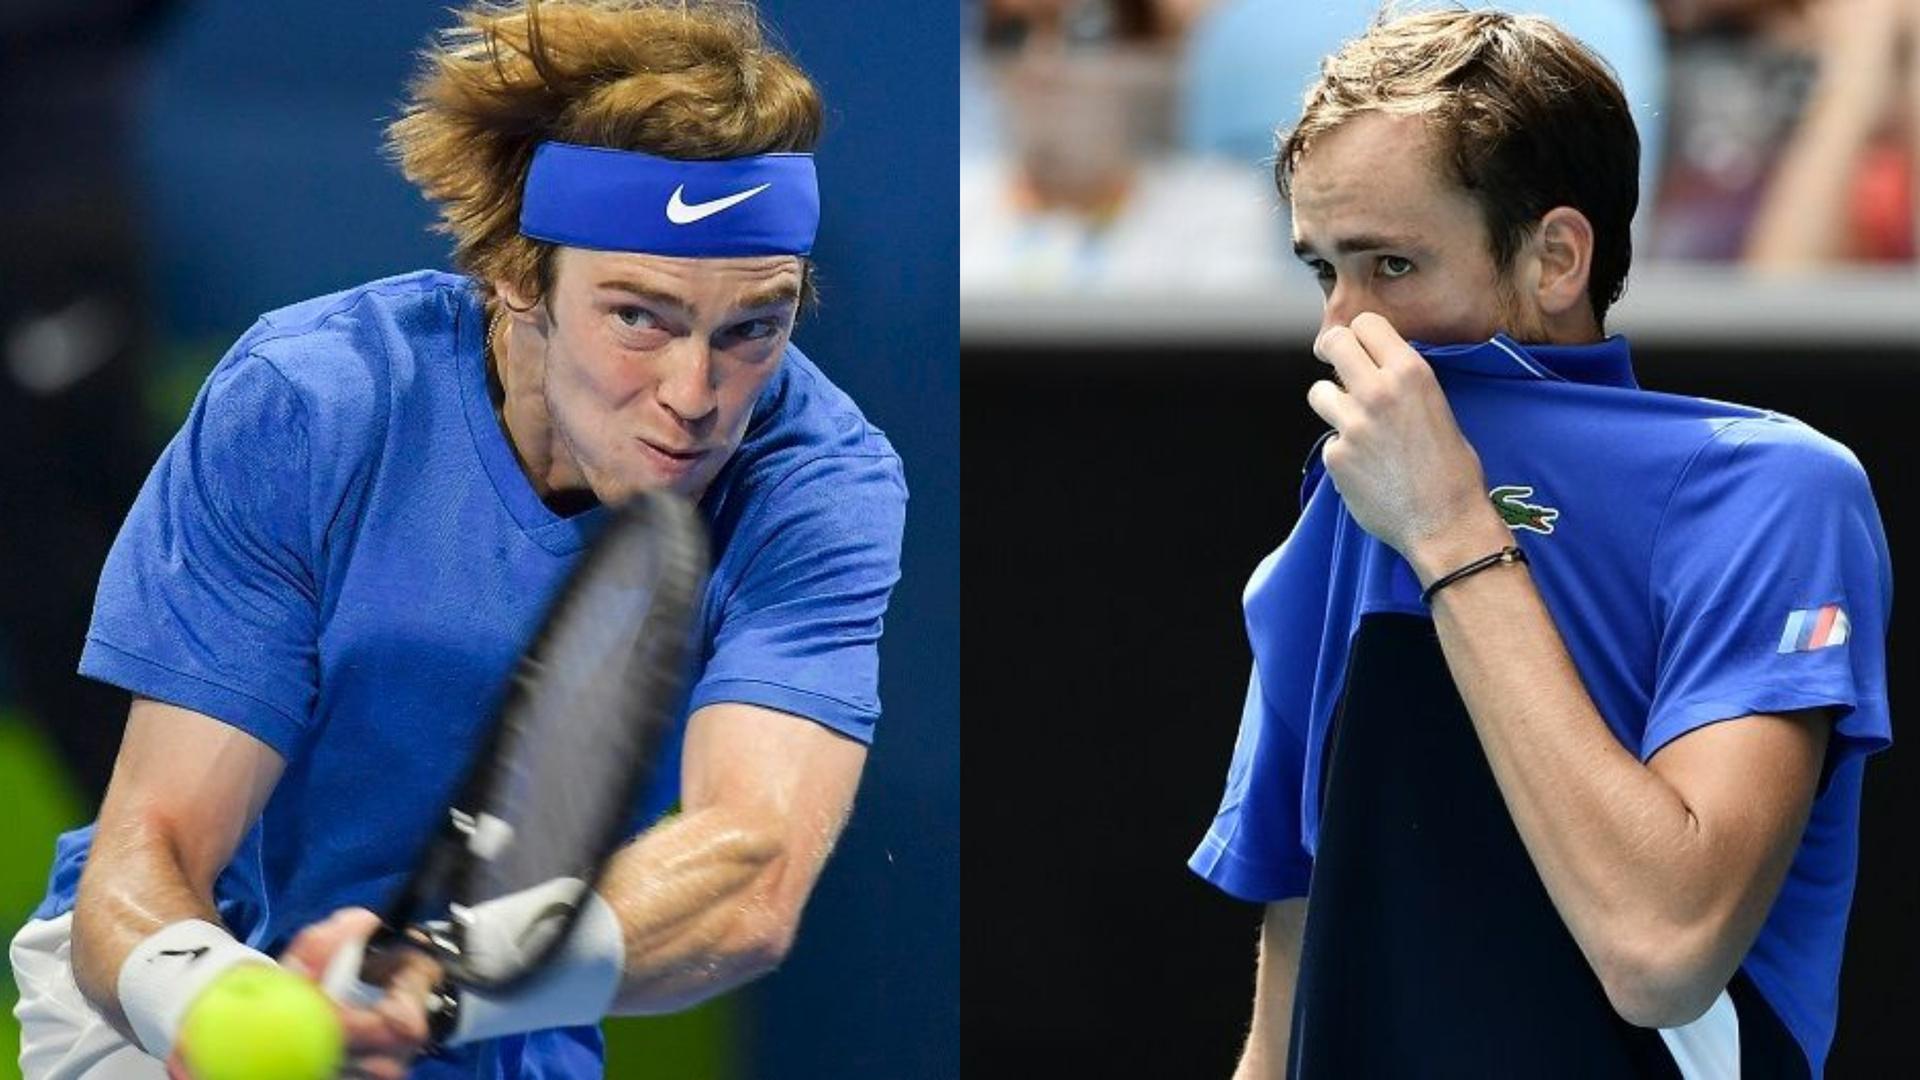 مدفيديف وروبليوف يودعان بطولة أسترالية المفتوحة (فيديو)